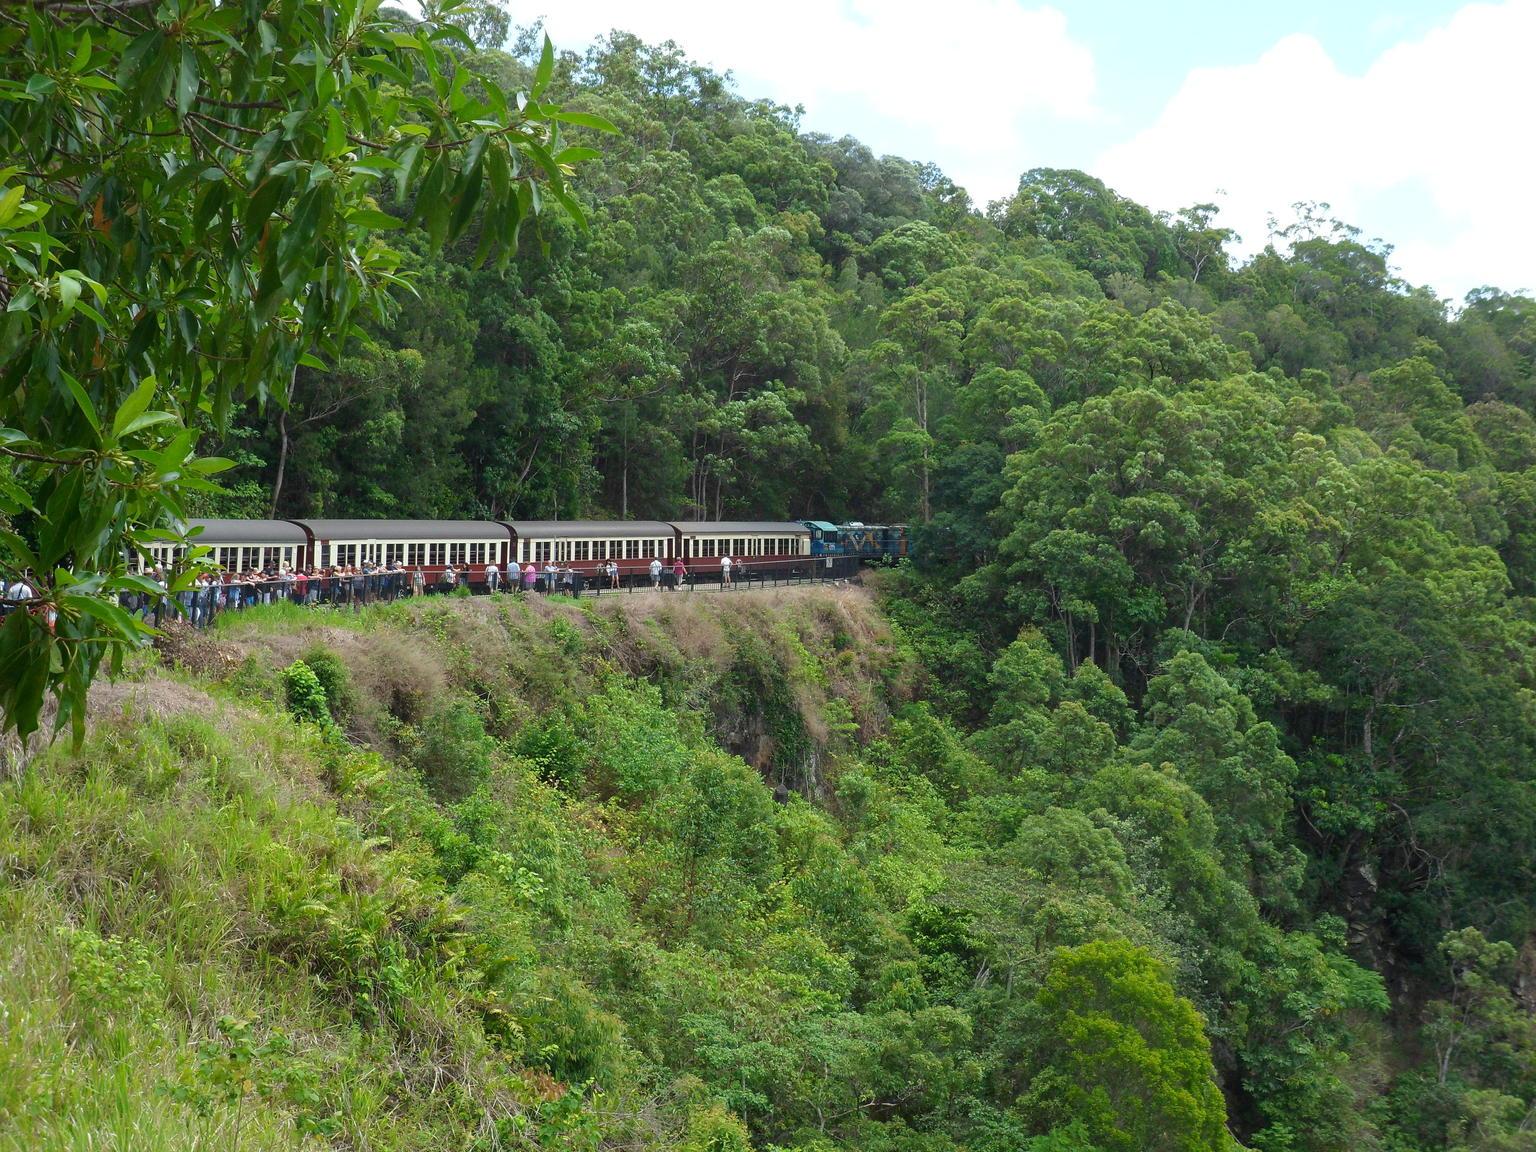 MÁS FOTOS, Evite las colas: ferrocarril panorámico de Kuranda, en clase Gold, y teleférico Skyrail sobre la selva tropical